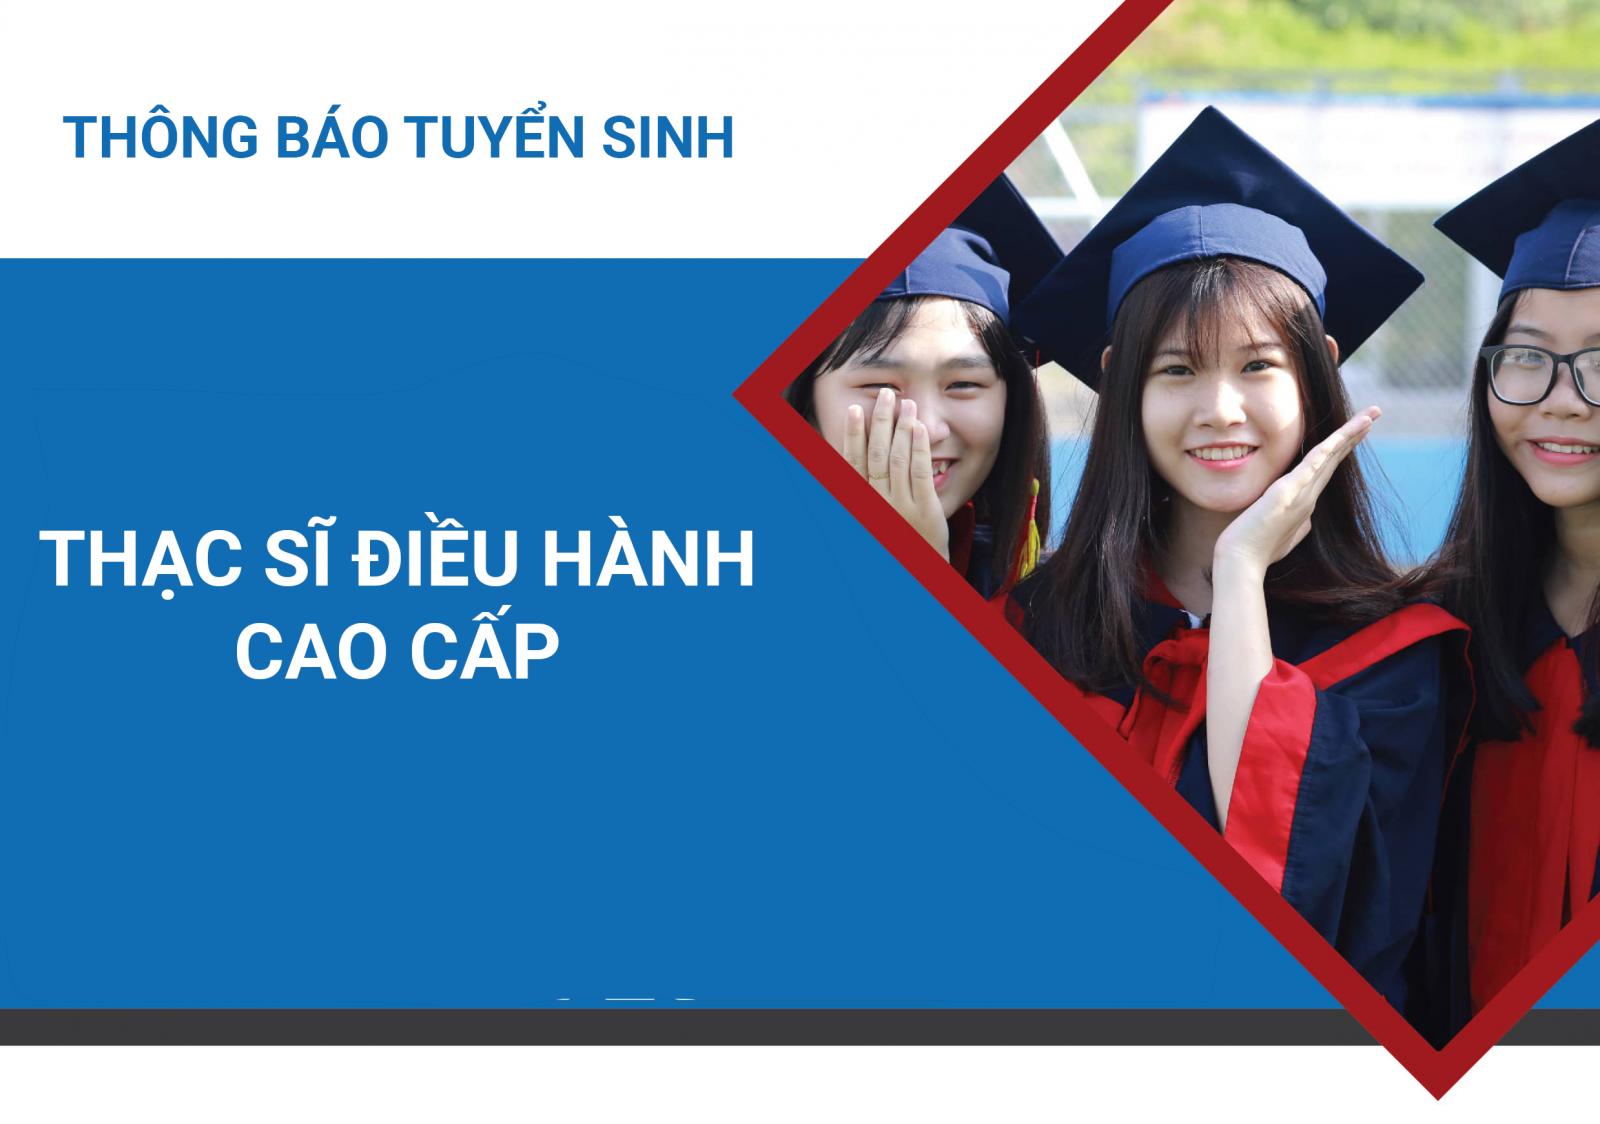 Thông báo tuyển sinh Thạc sĩ điều hành cao cấp - Executive MBA Khóa 11 đợt 1